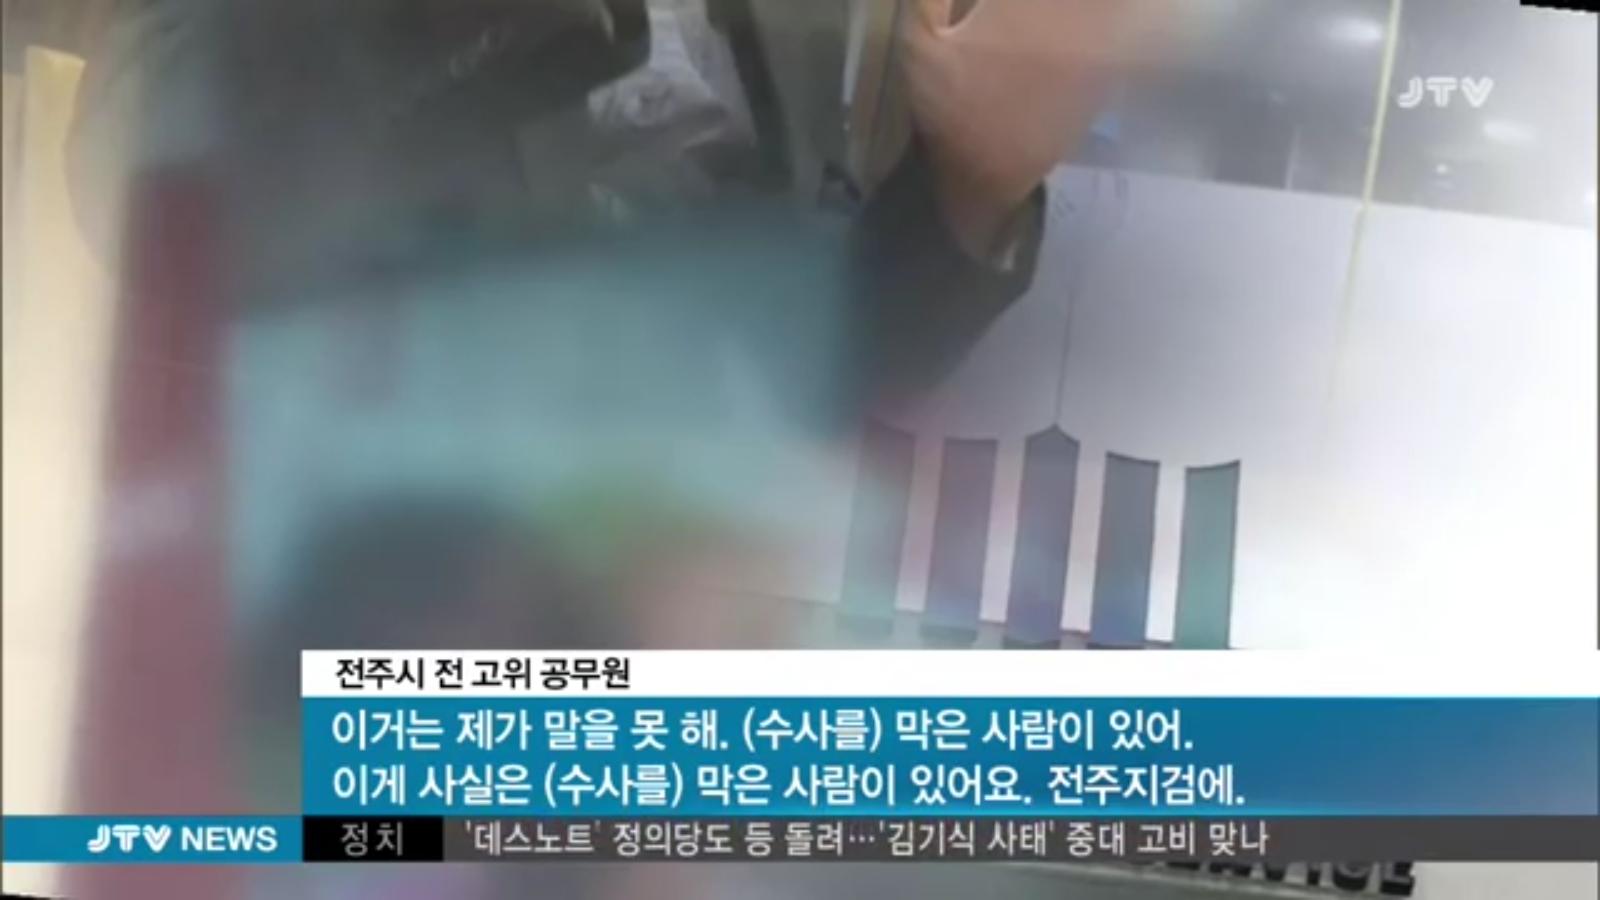 [18.4.12 JTV] 전주 봉침게이트, 봉침목사 논란...본질은3.jpg